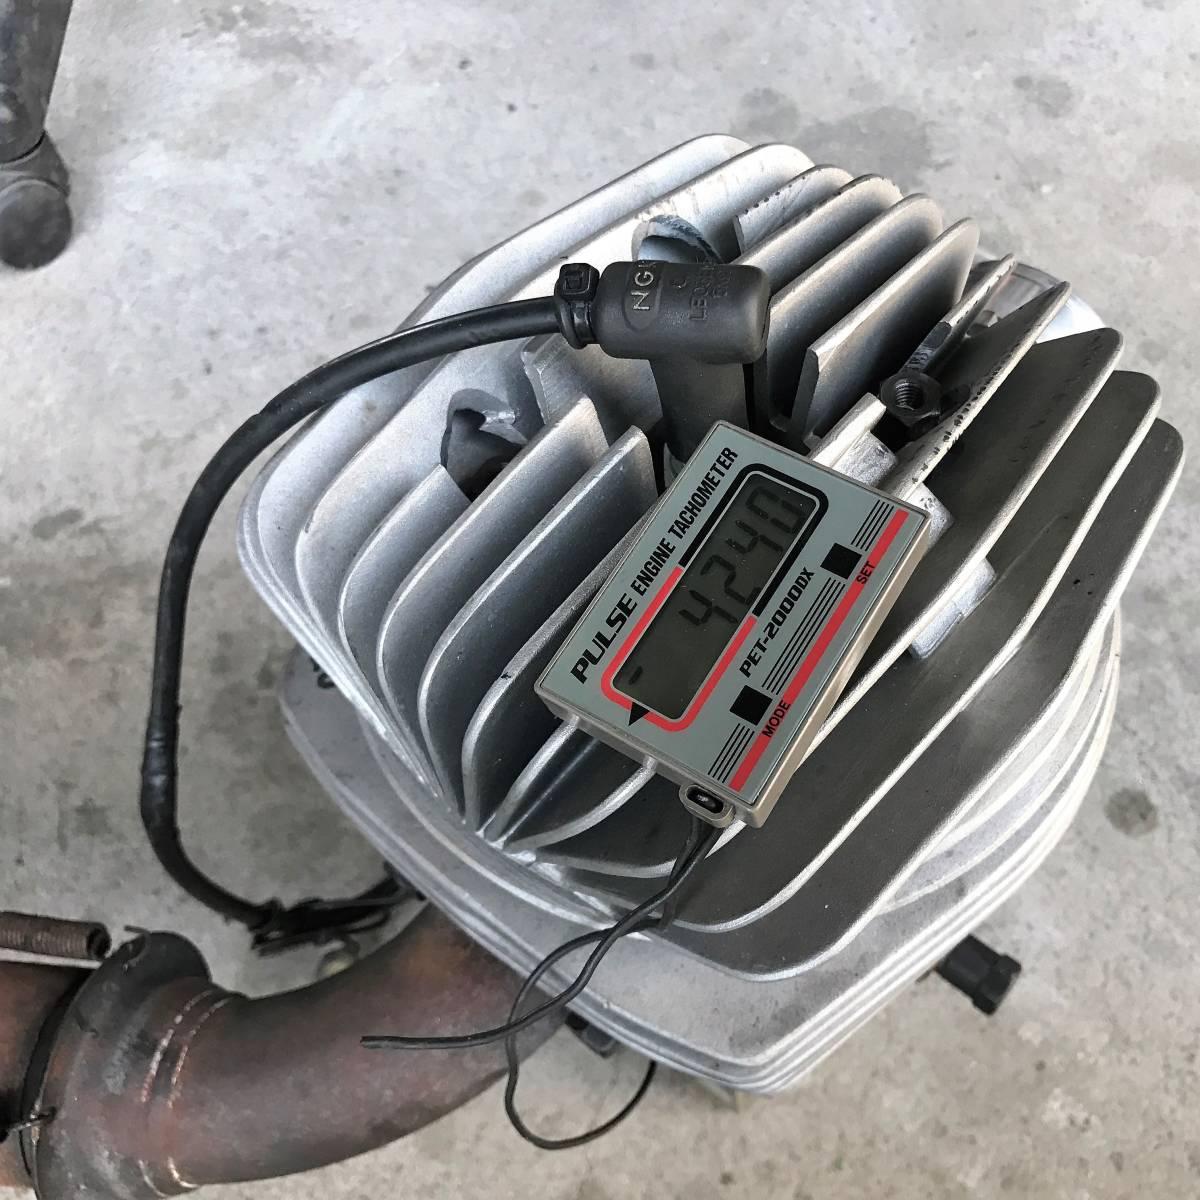 即決 PRD RK100 始動確認 エビデンスあり レーシングカート エンジン 周辺パーツもご用意できます_画像2